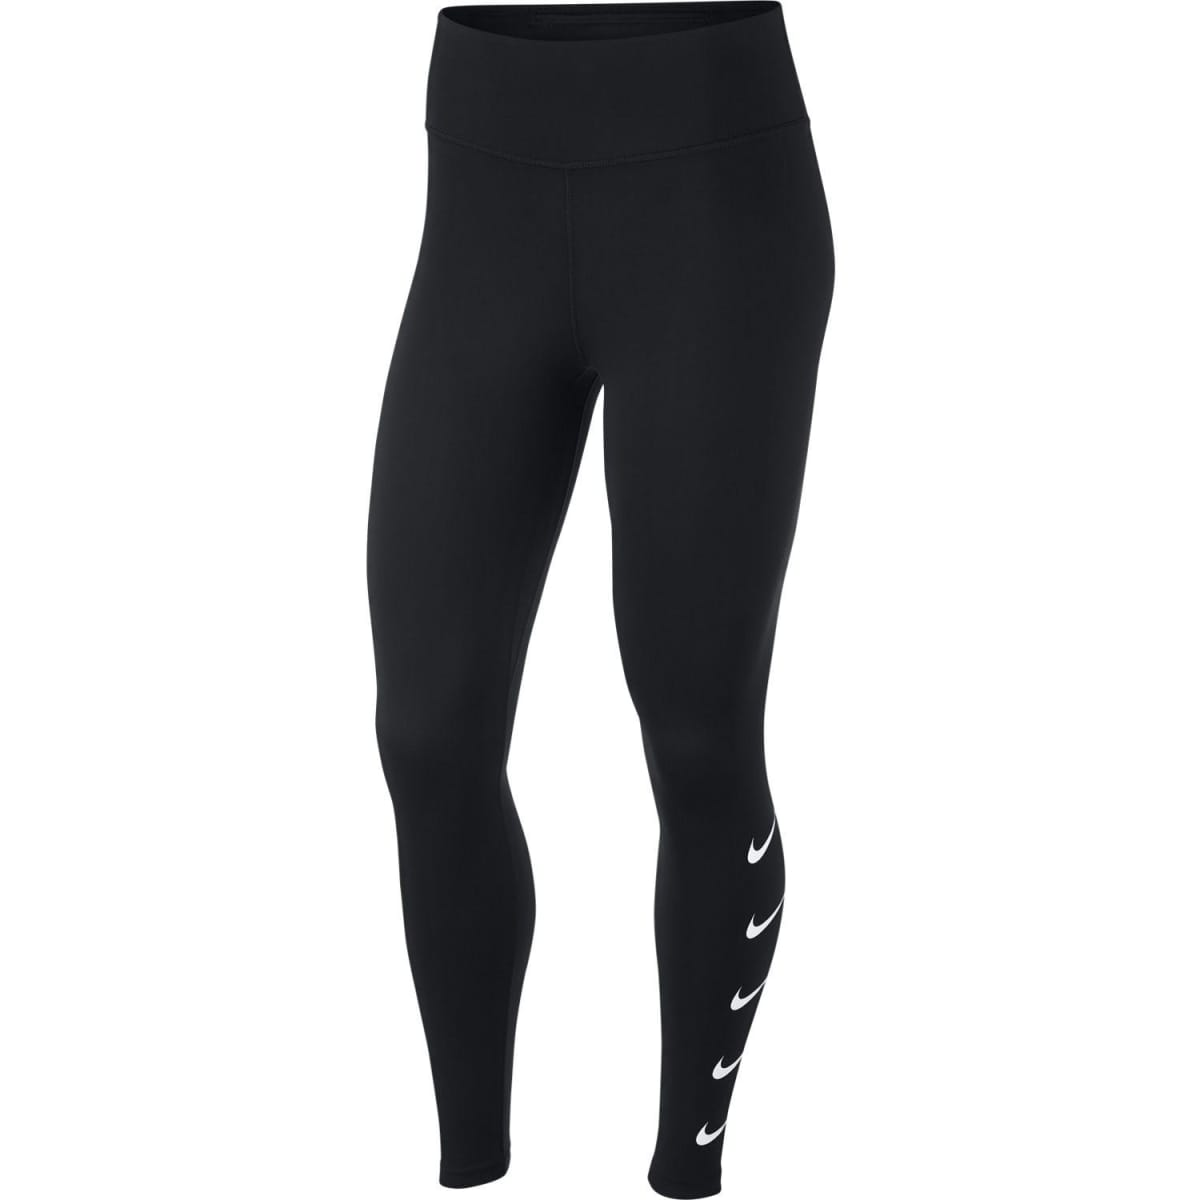 e06e35860471c Product Image. Nike Women's Swoosh Run Tight